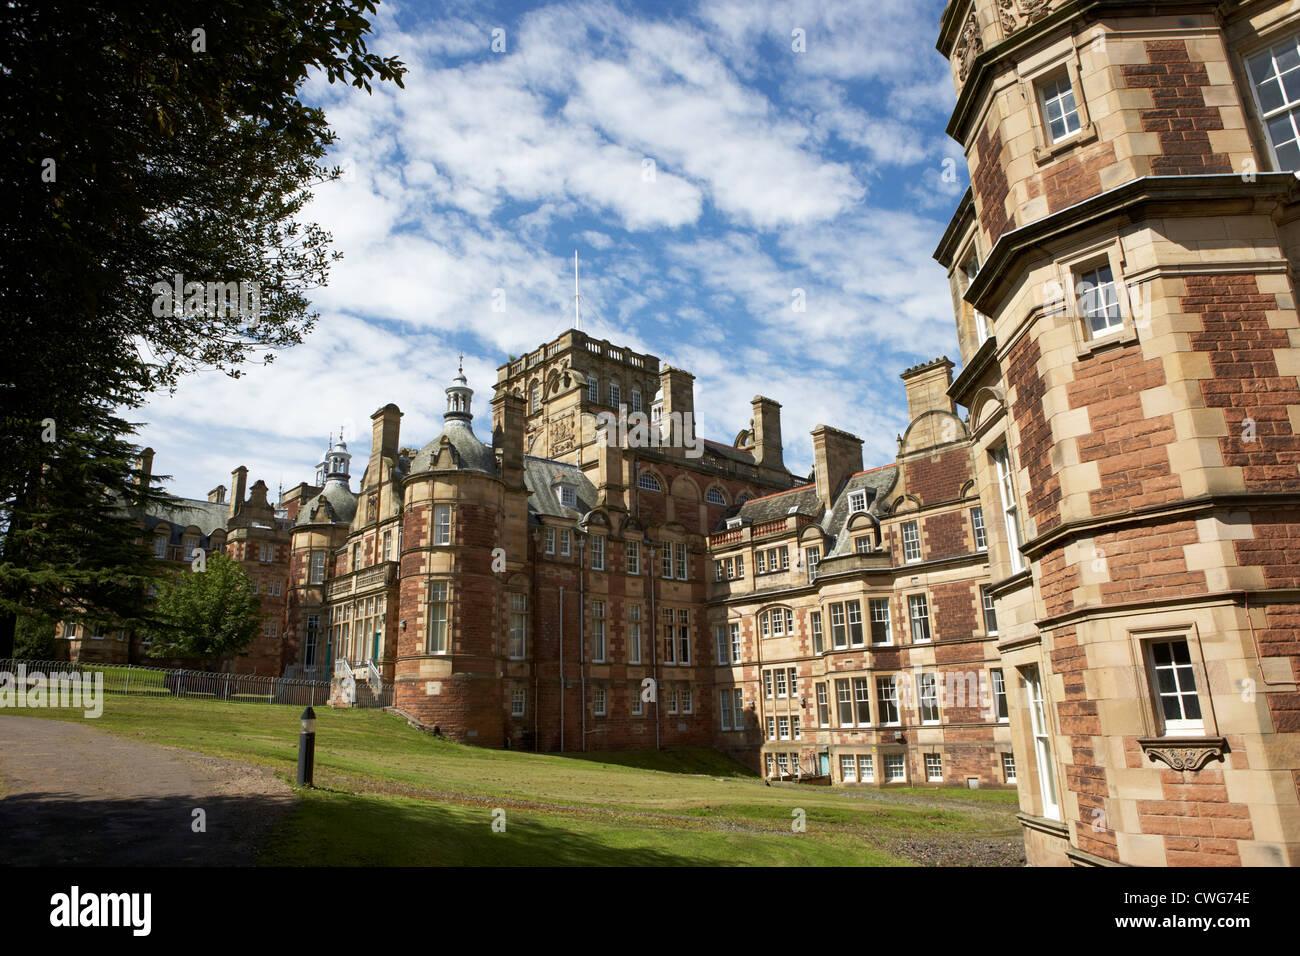 new craig building of the craighouse campus of edinburgh napier university, scotland, uk, united kingdom - Stock Image